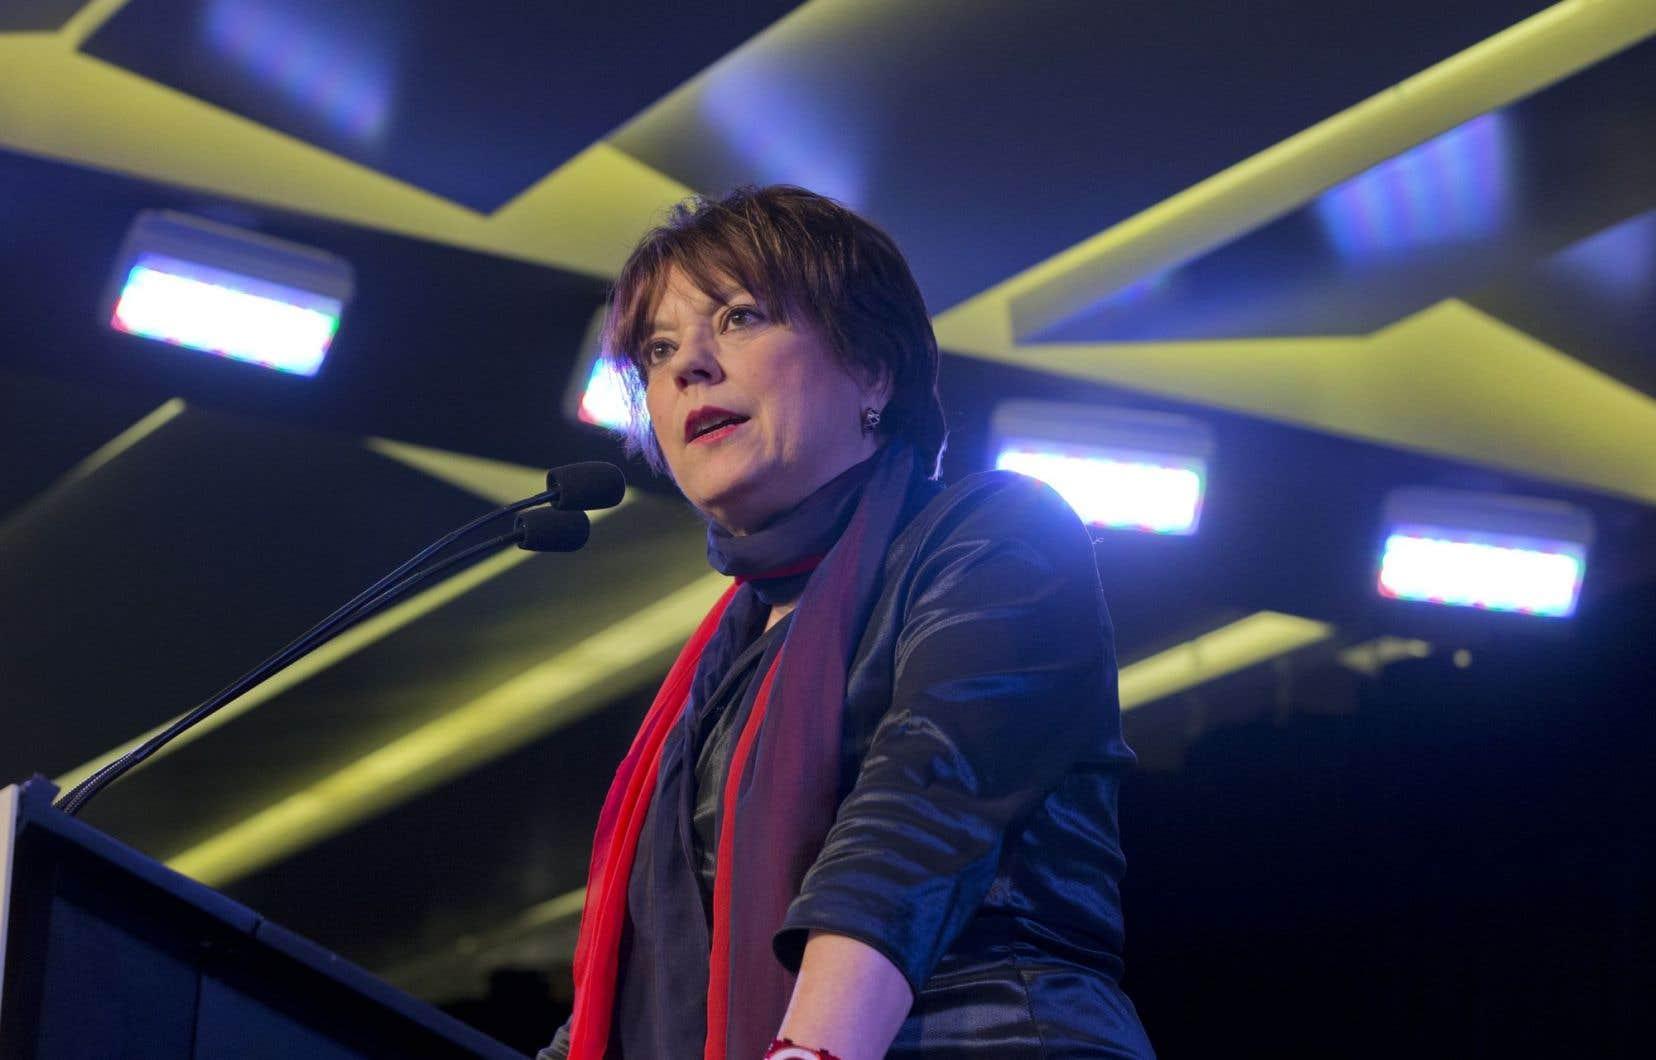 La ministre Hélène David ne veut pas s'avancer quant à l'abolition ou non du Conseil supérieur de l'éducation puisque rien n'est encore décidé.